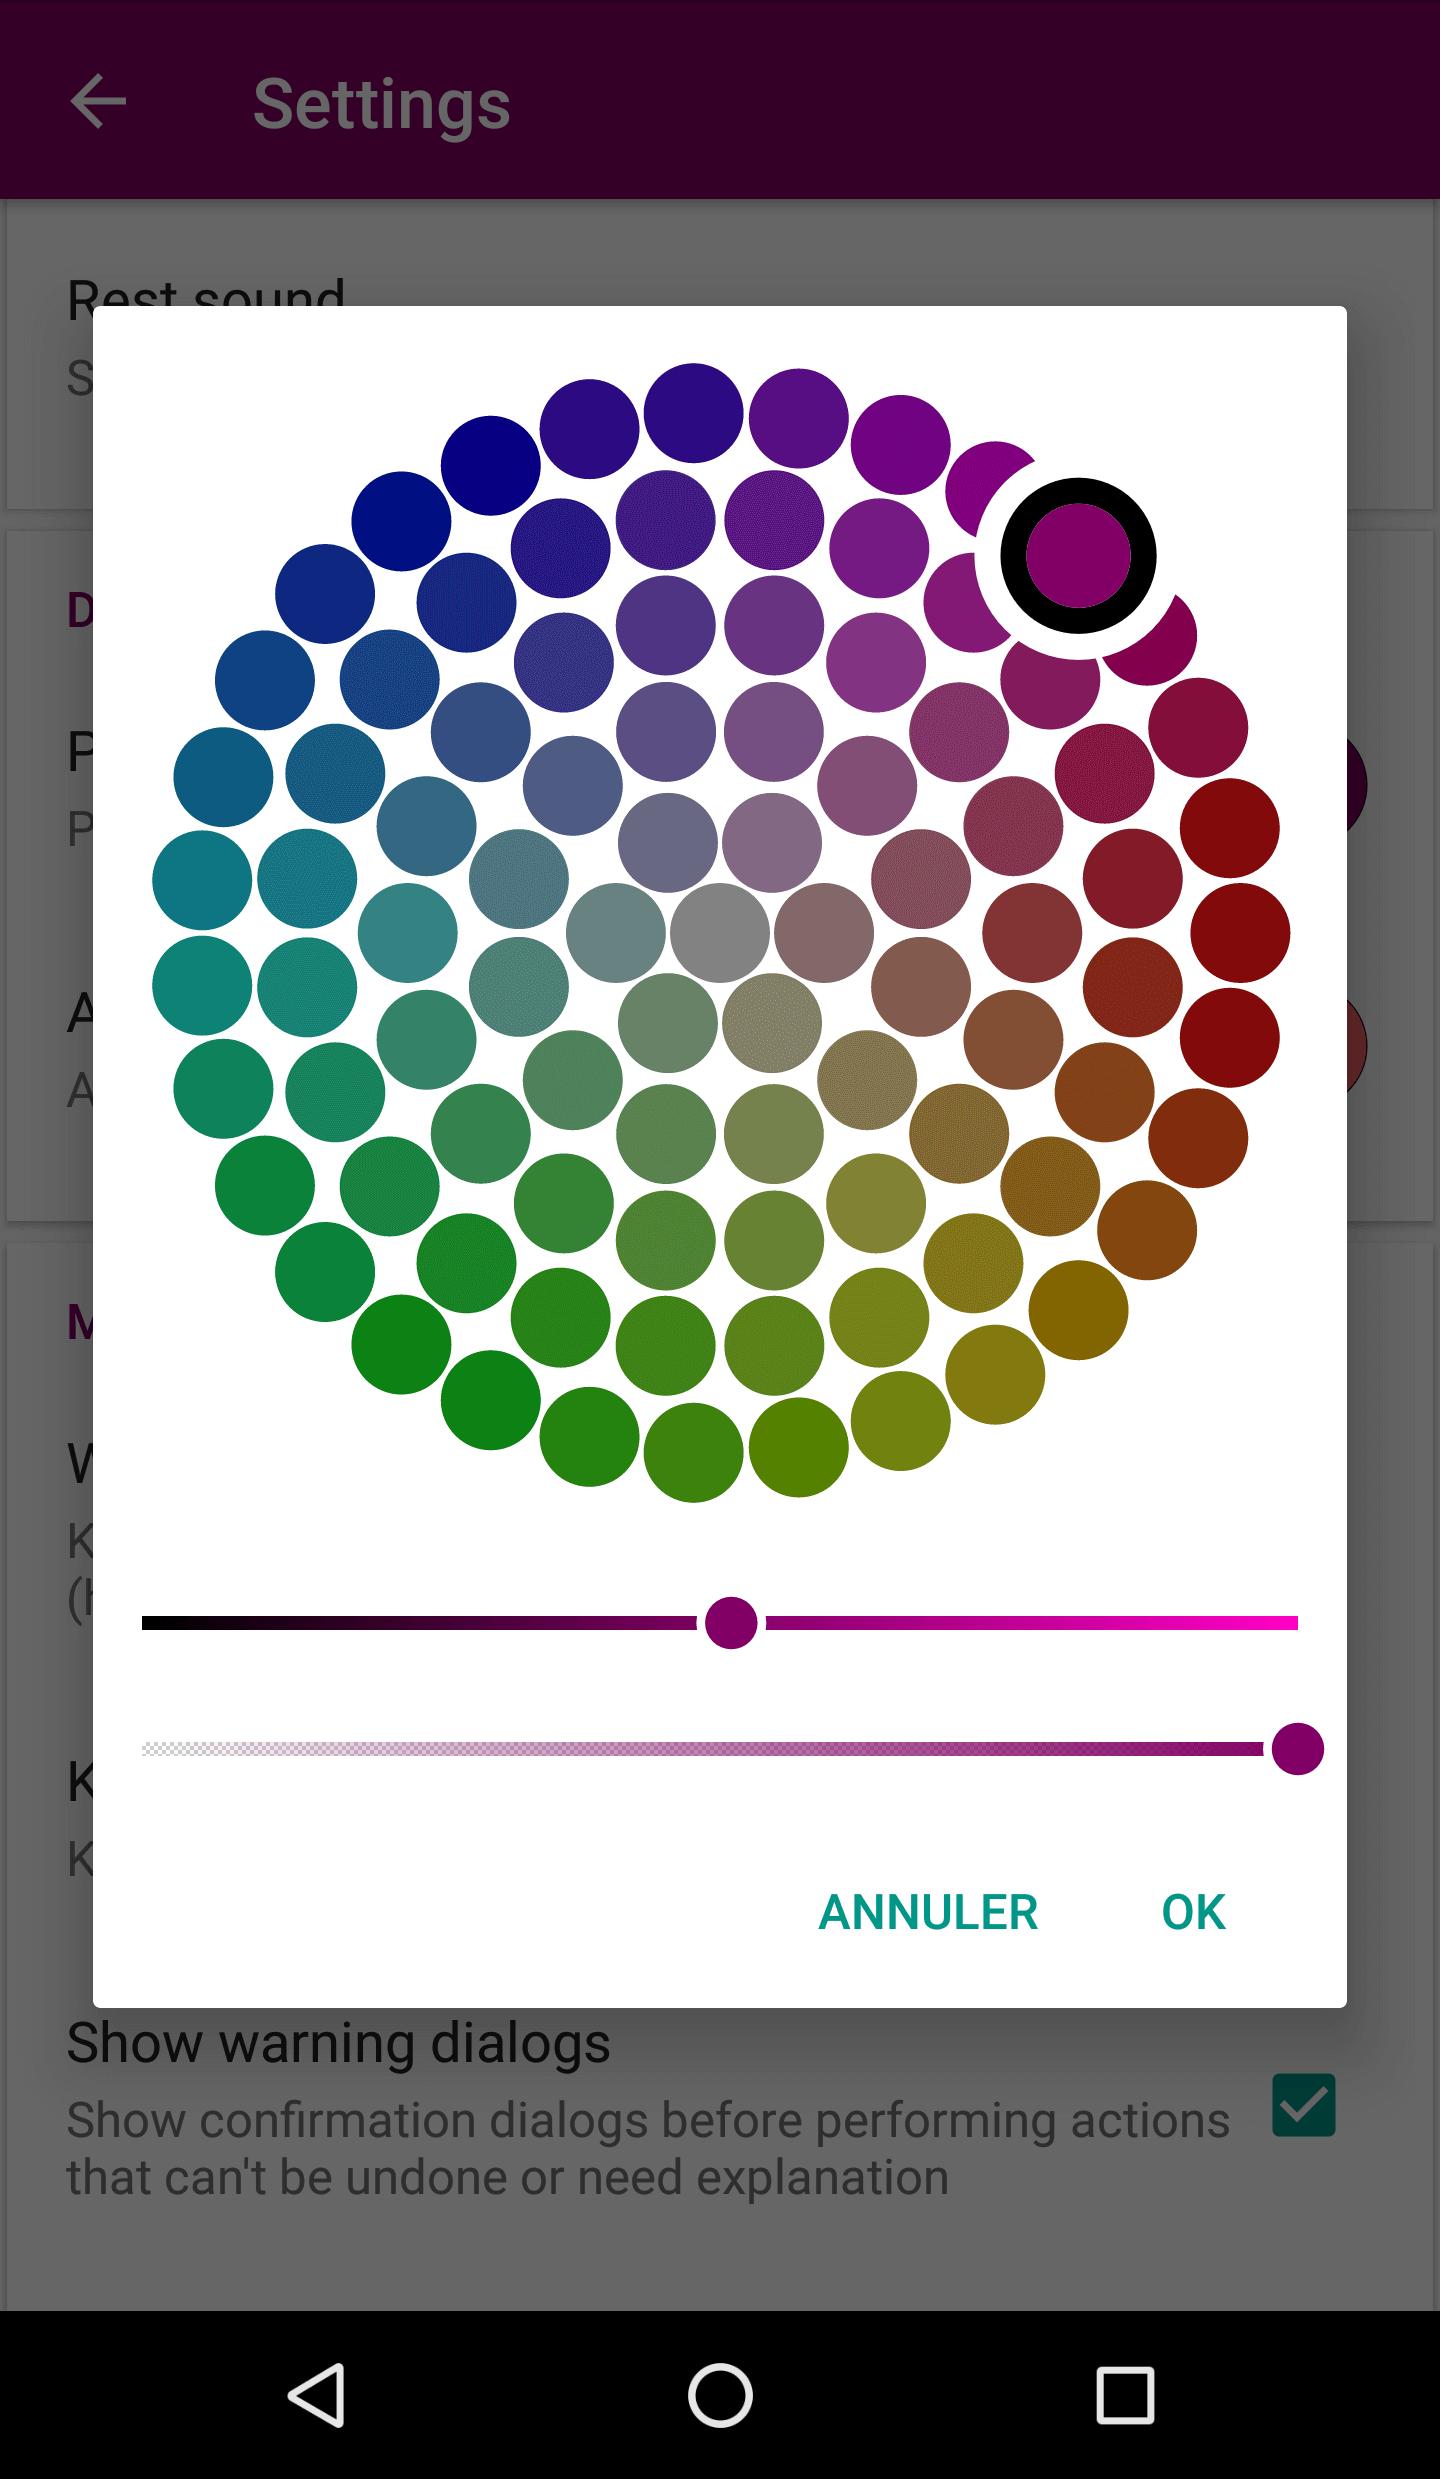 L'application Scheduler pour Android permet de sélectionner la couleur primaire et la couleur secondaire du visuel de l'application.